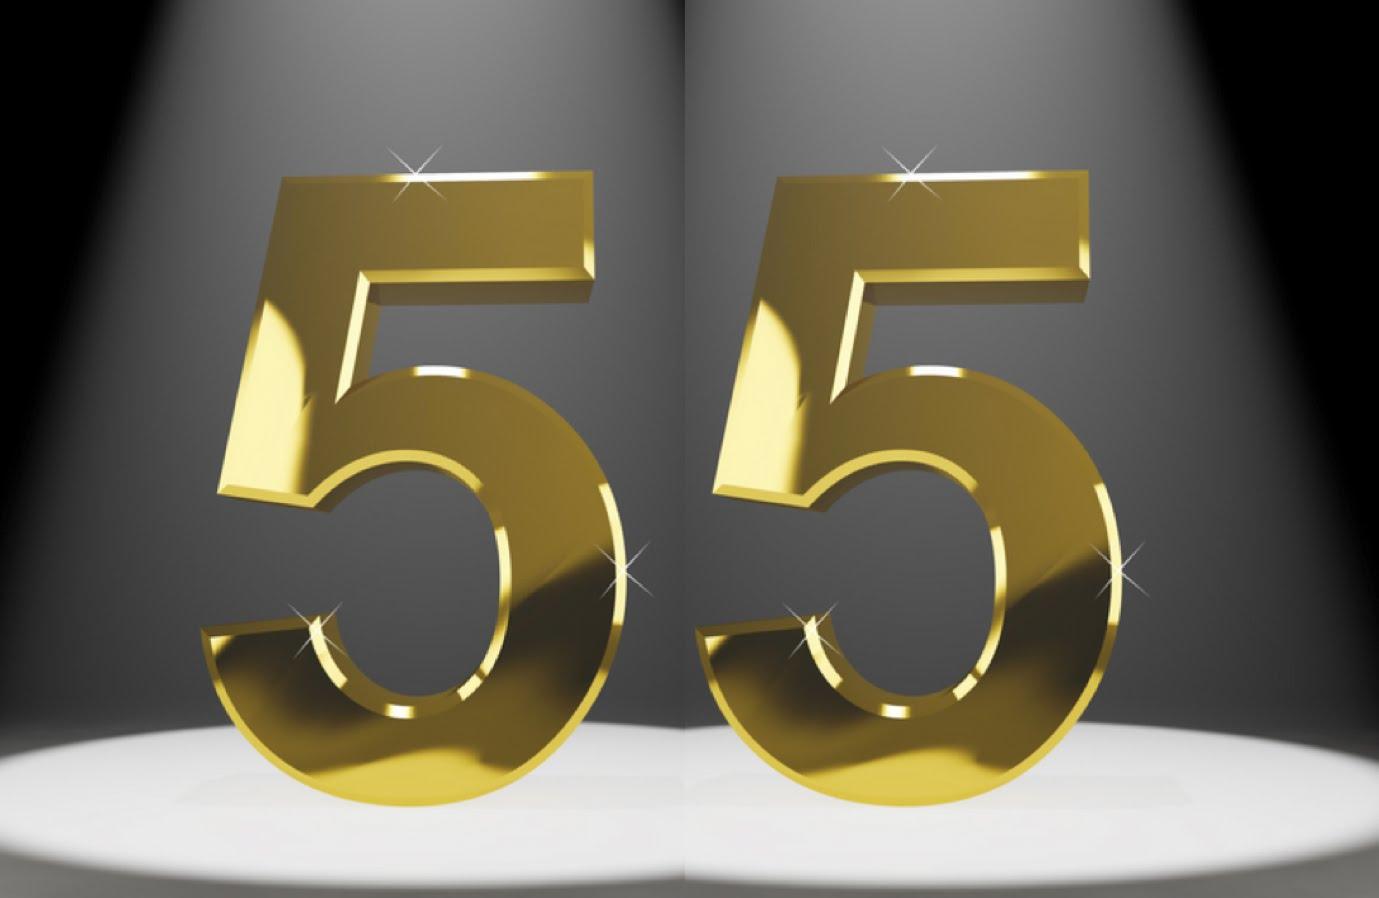 55 лет анимация цифры, открытки